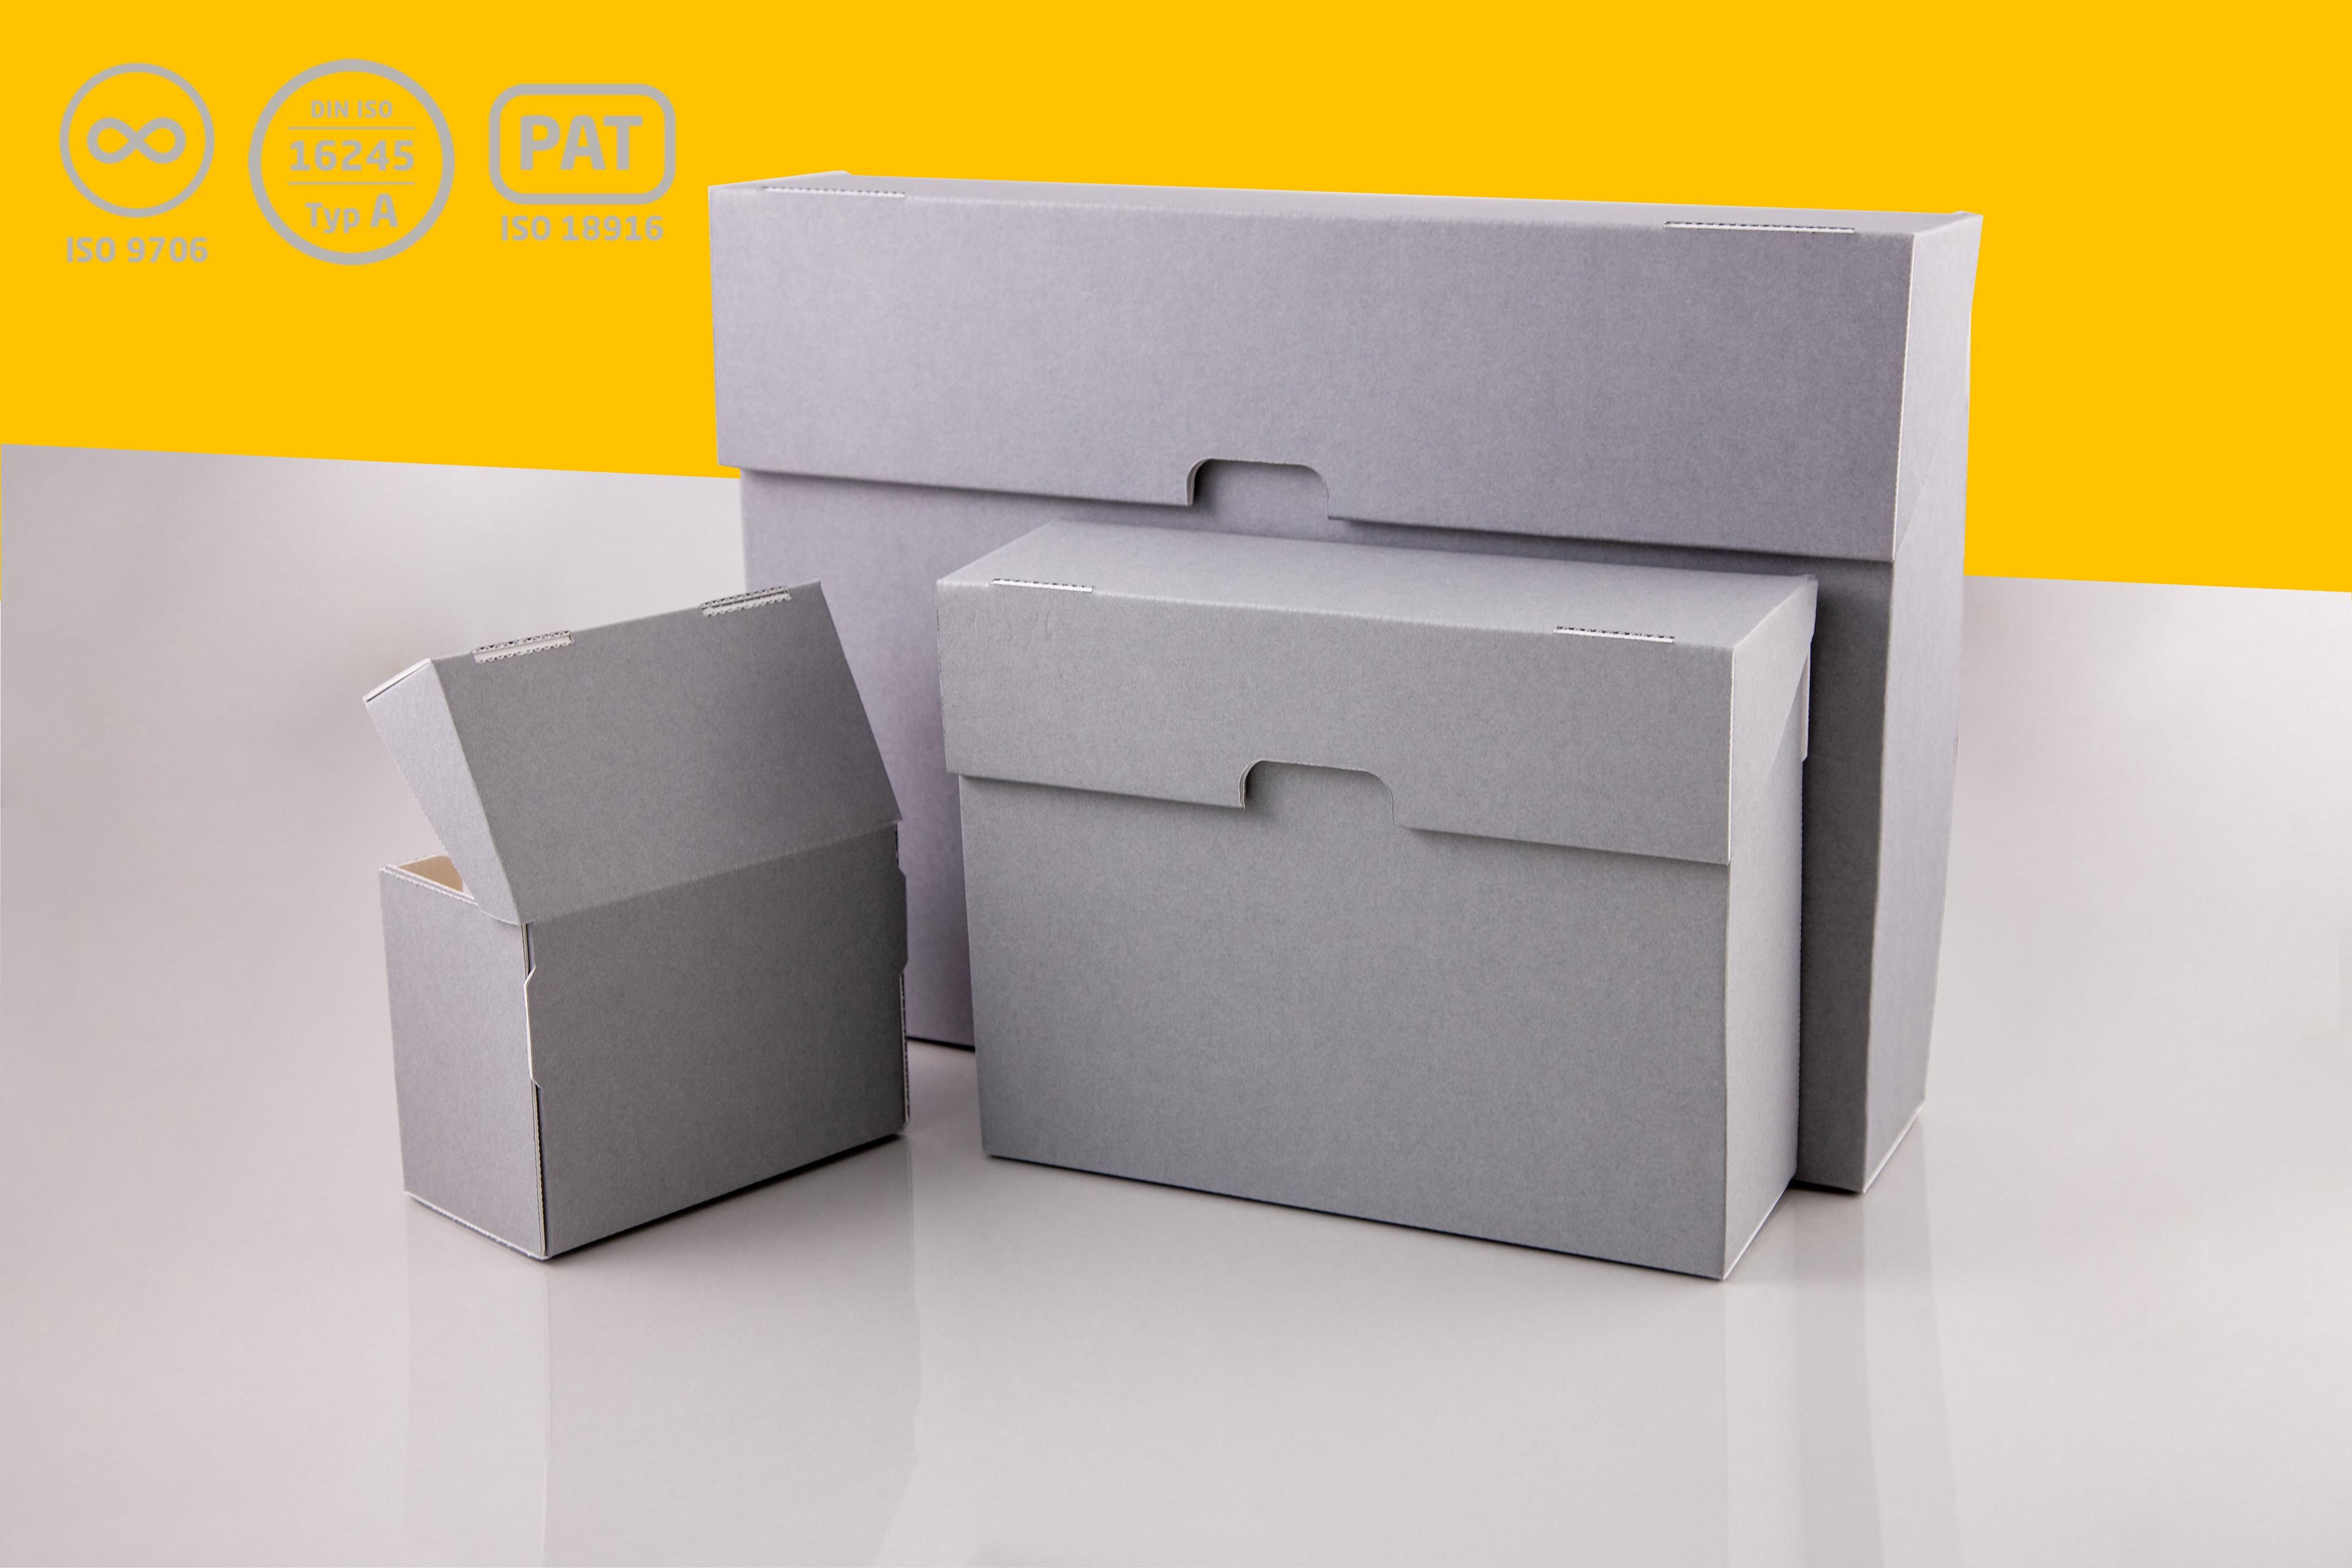 Standschachtel für Fotos und Glasplatten-Negative - PRODUKT DES MONATS!